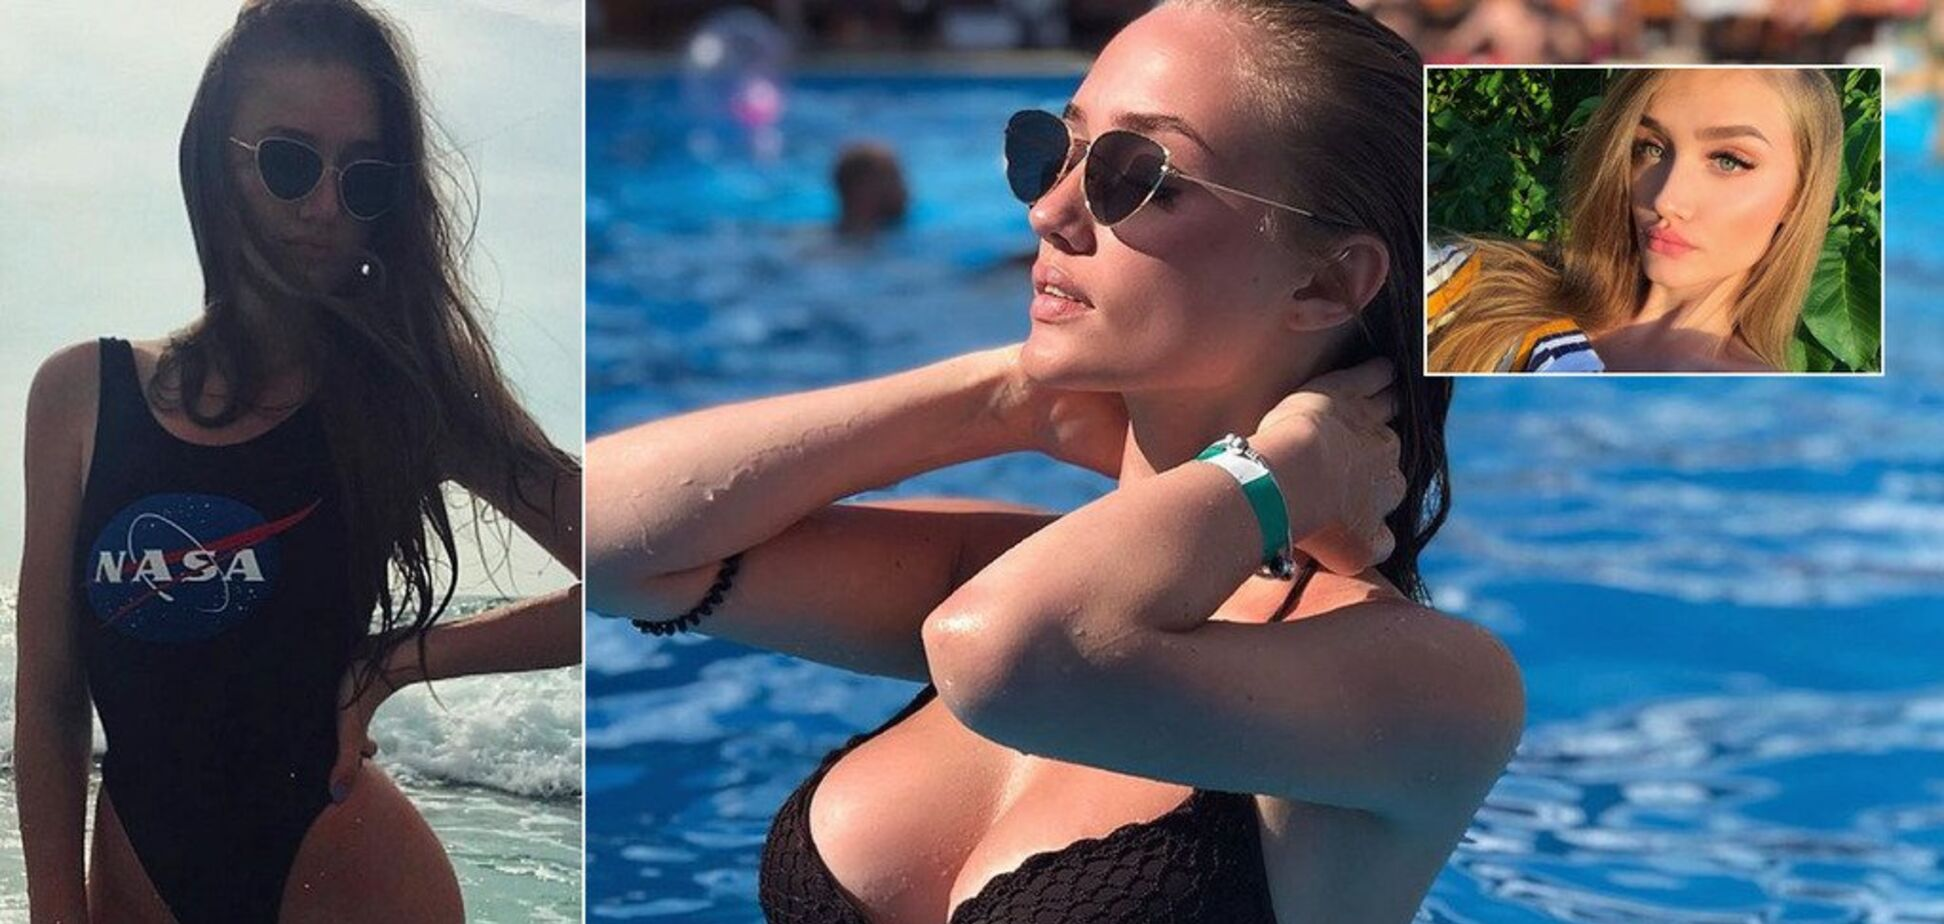 'Секс-кукла': подруга футболиста 'Шахтера' смутила фанатов своей внешностью